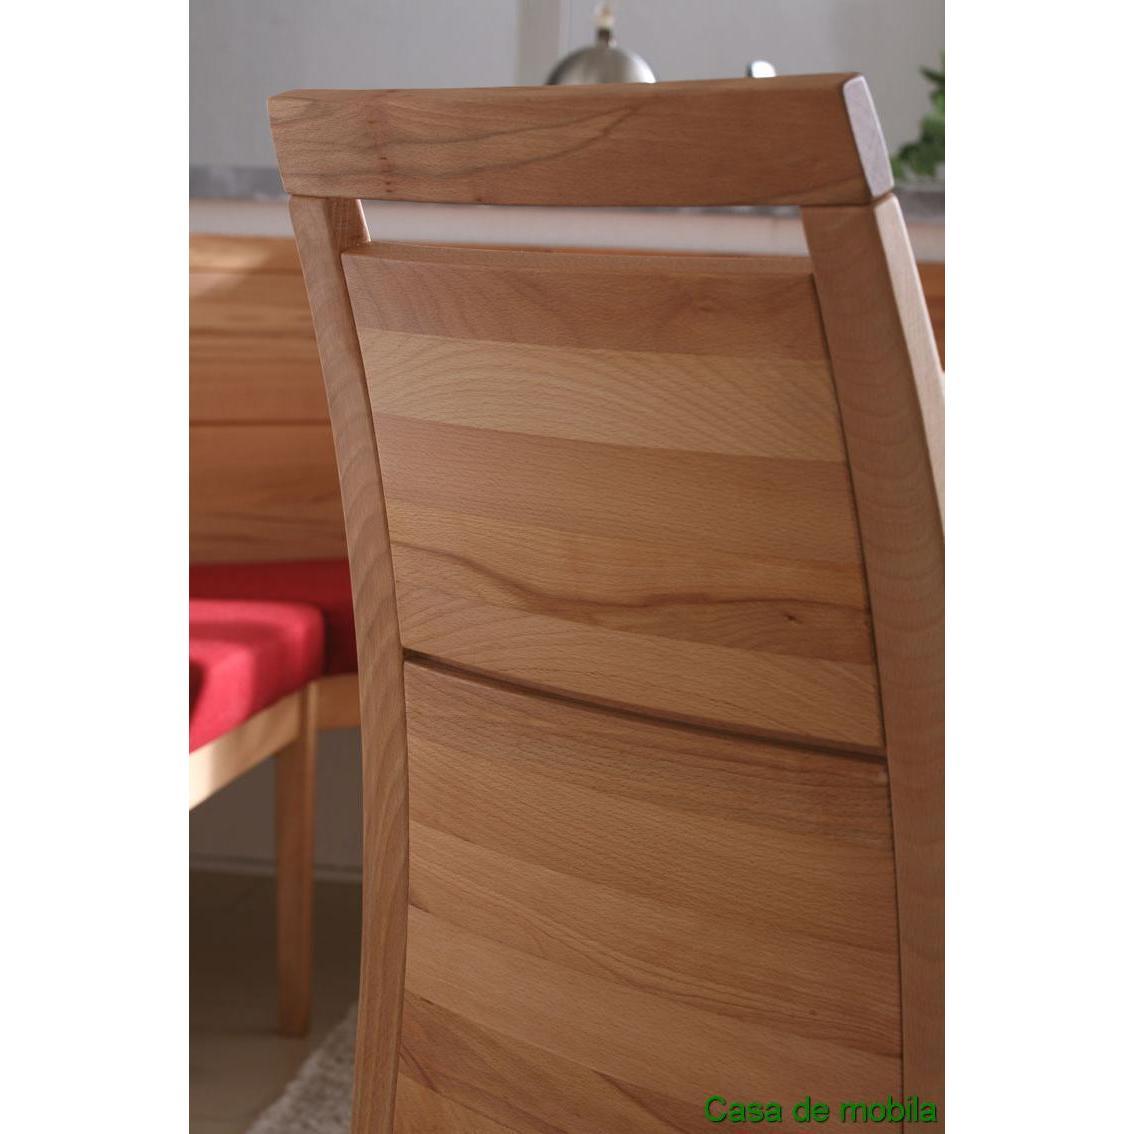 Wäschetruhe Holz Dunkelbraun ~ Armlehnstuhl mit Polster Rotkernbuche massiv natur geölt CASERA Stuhl